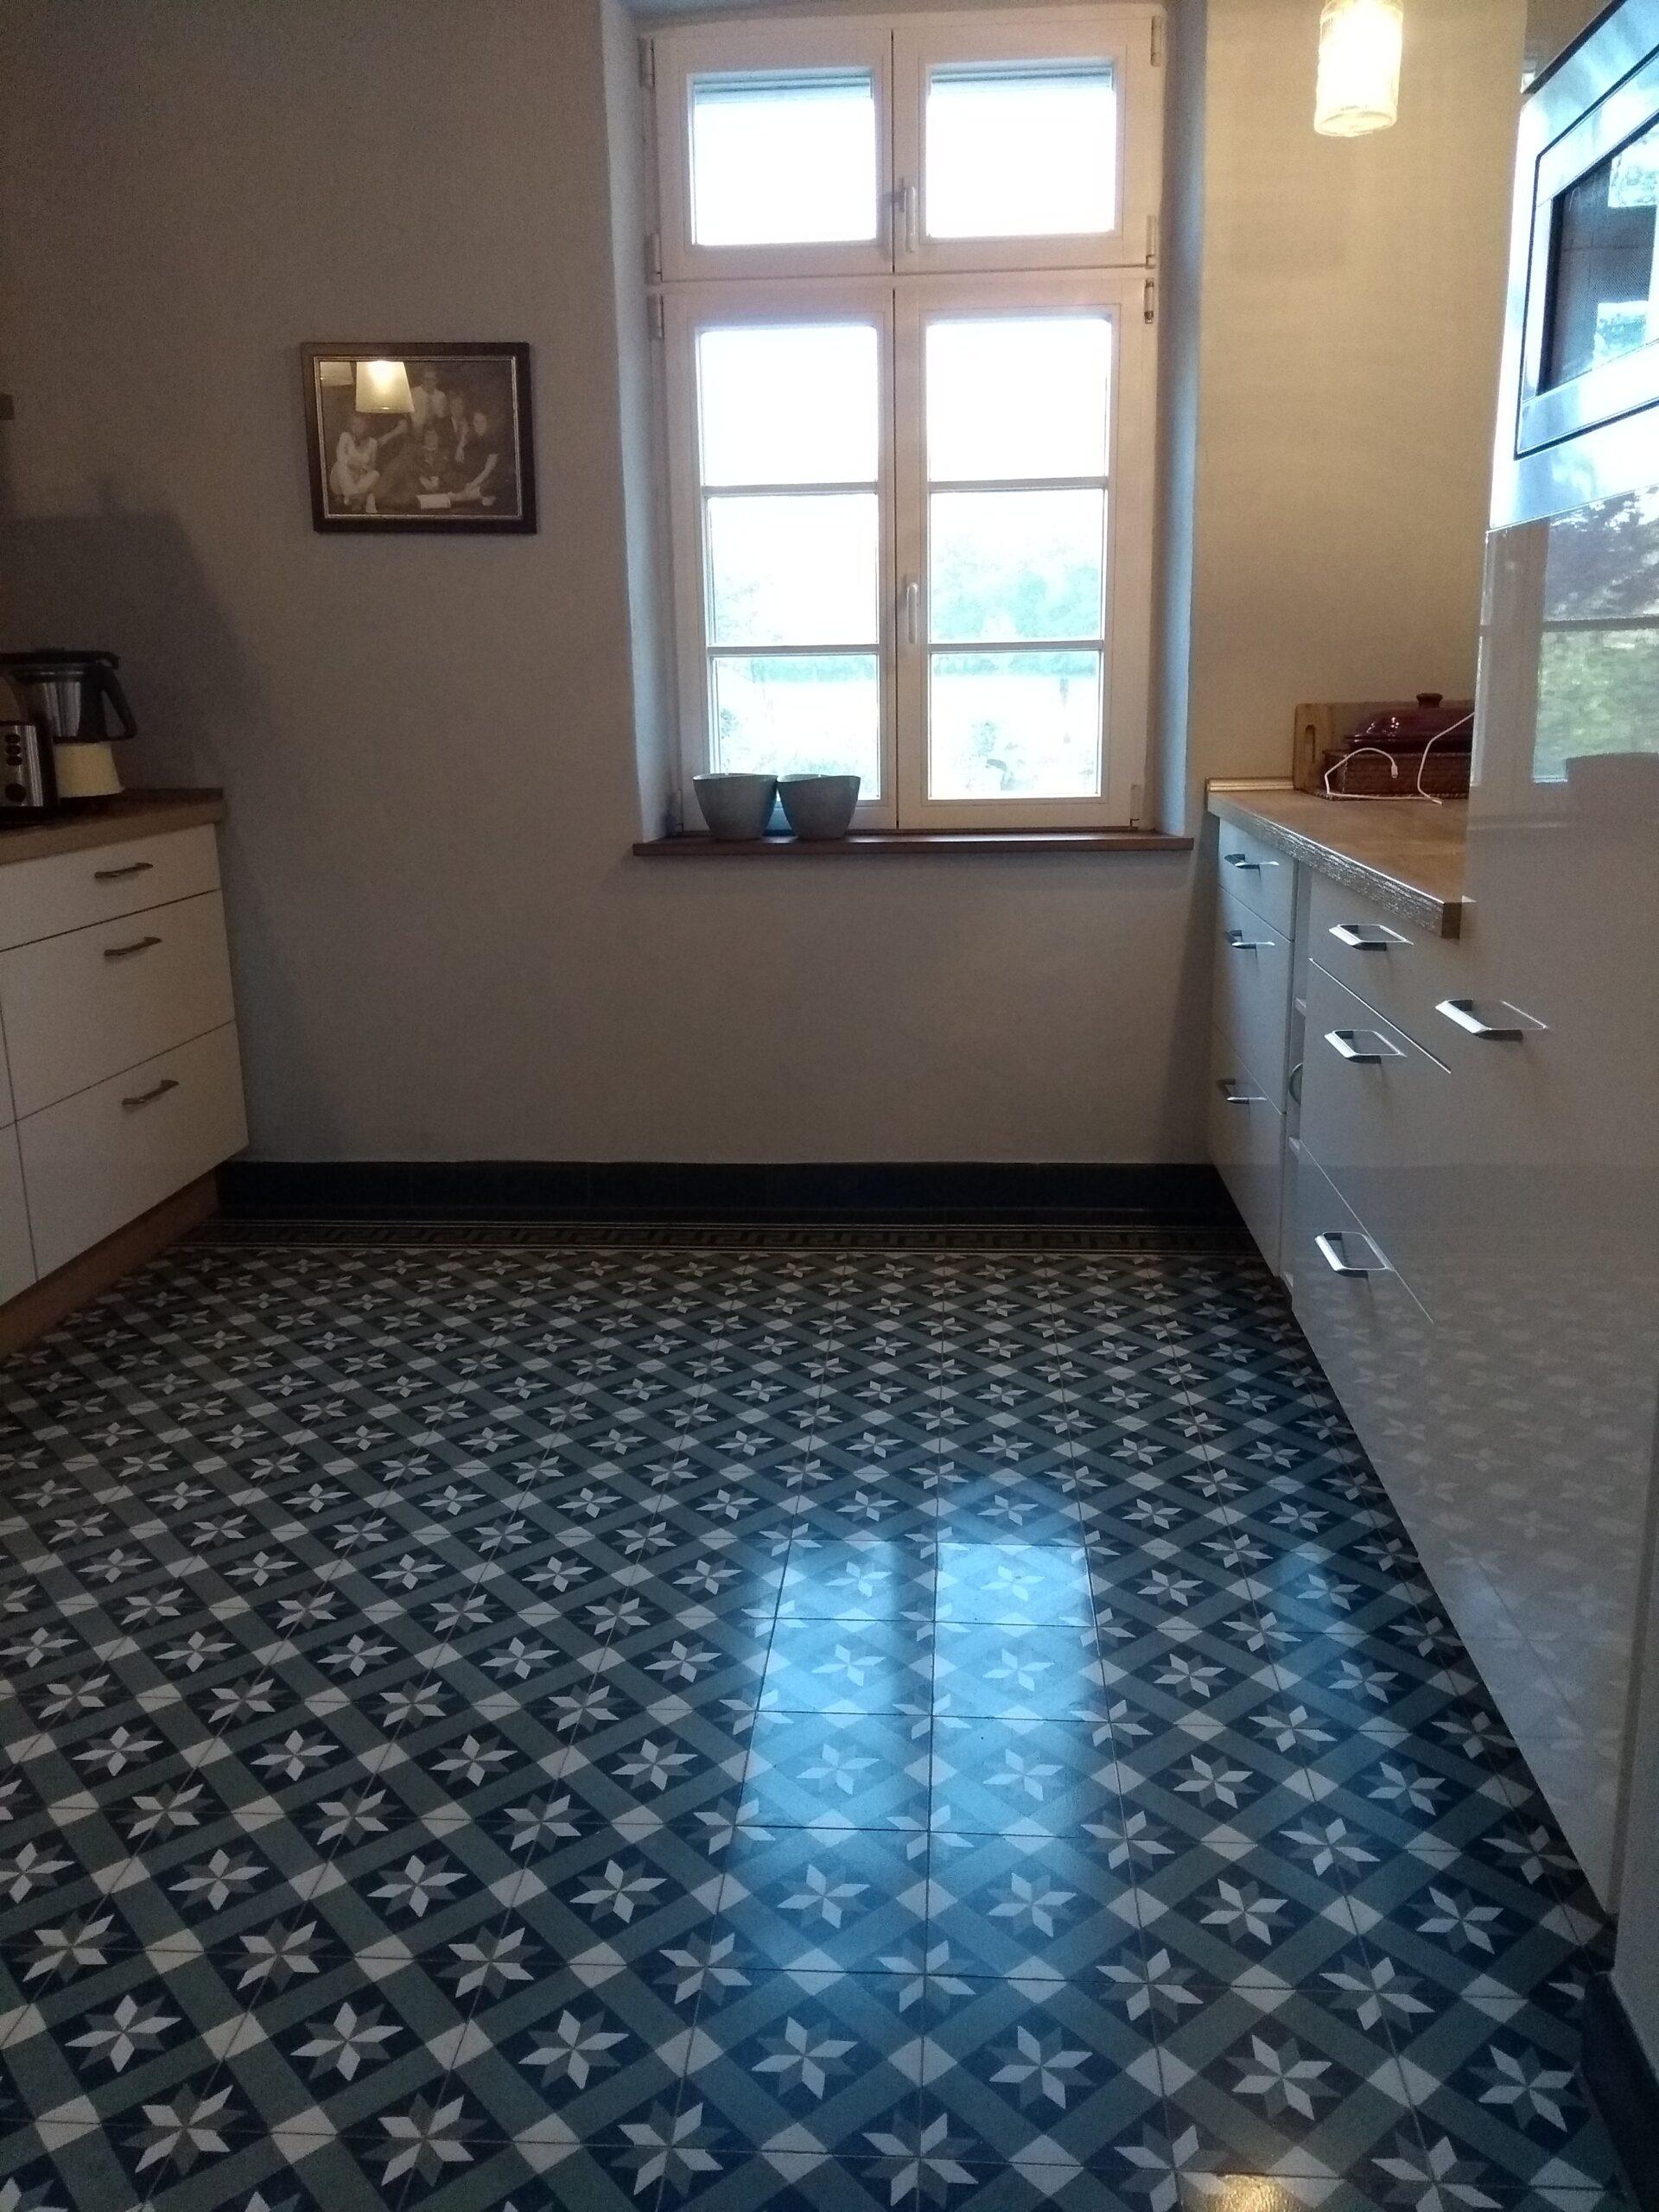 Full Size of Küchen Fliesenspiegel Zementfliesen In Der Kche 2020 Mosico Küche Selber Machen Glas Regal Wohnzimmer Küchen Fliesenspiegel